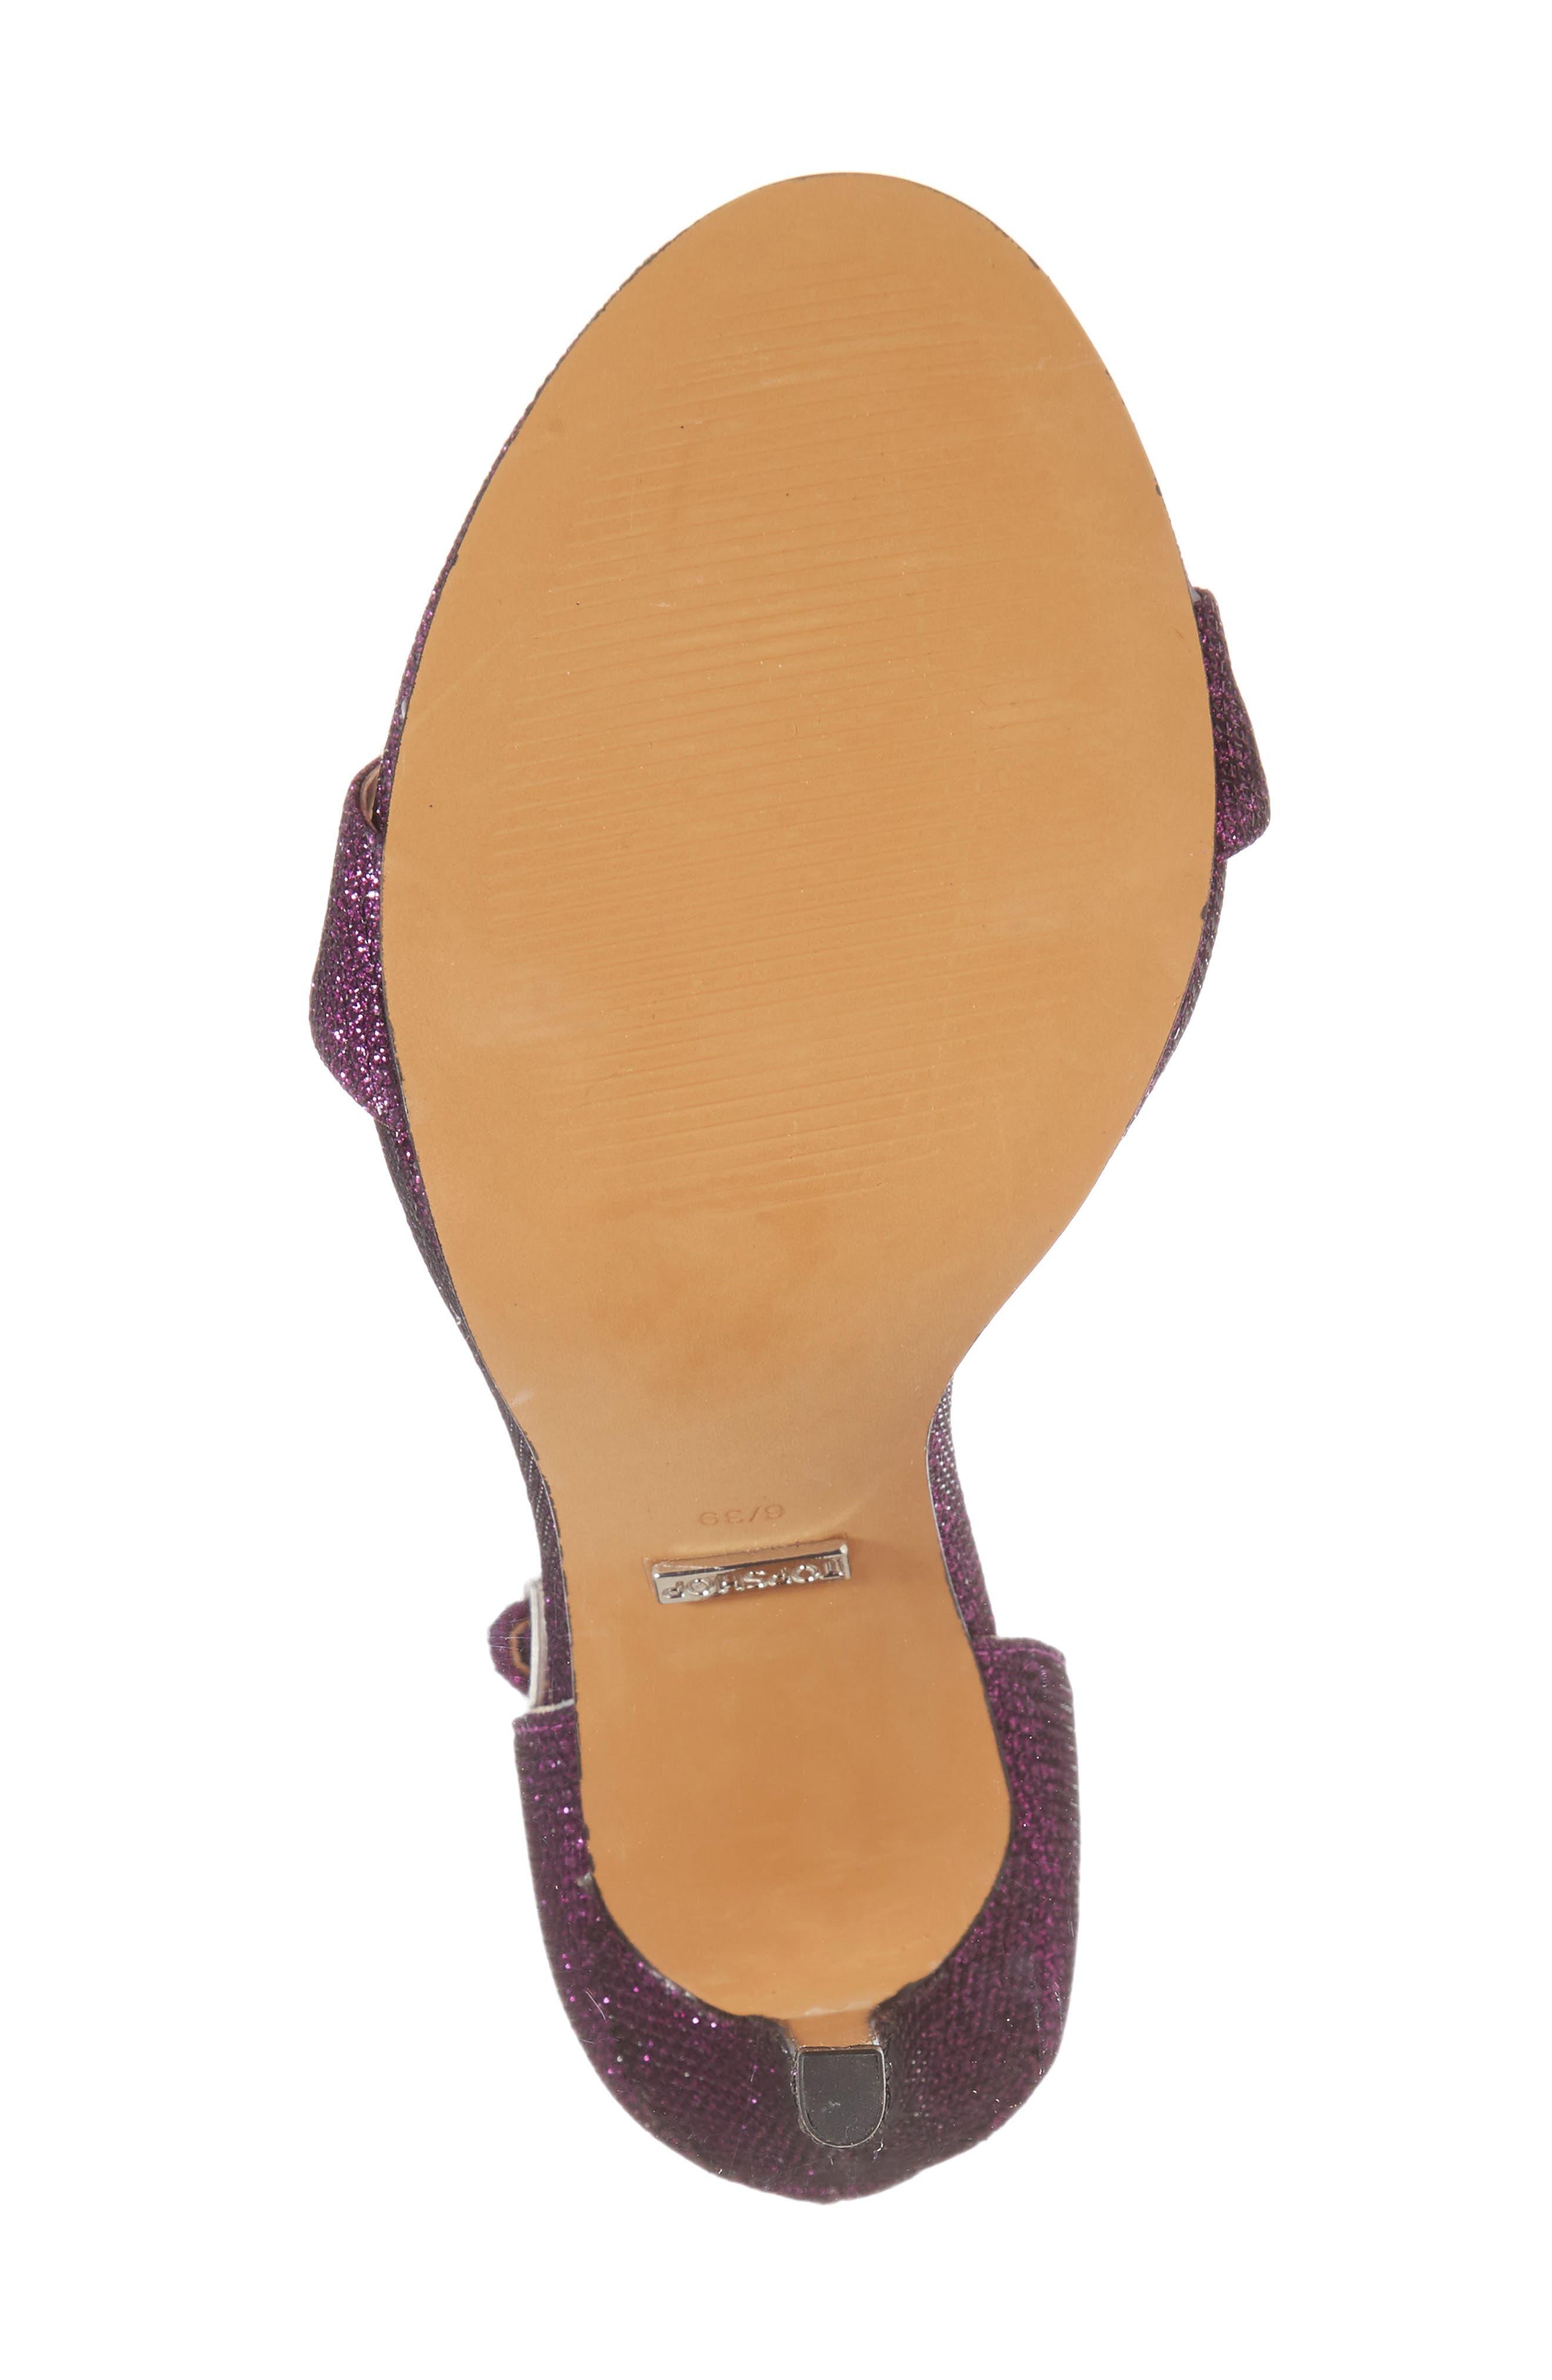 Raphie Ankle Strap Sandal,                             Alternate thumbnail 6, color,                             PURPLE